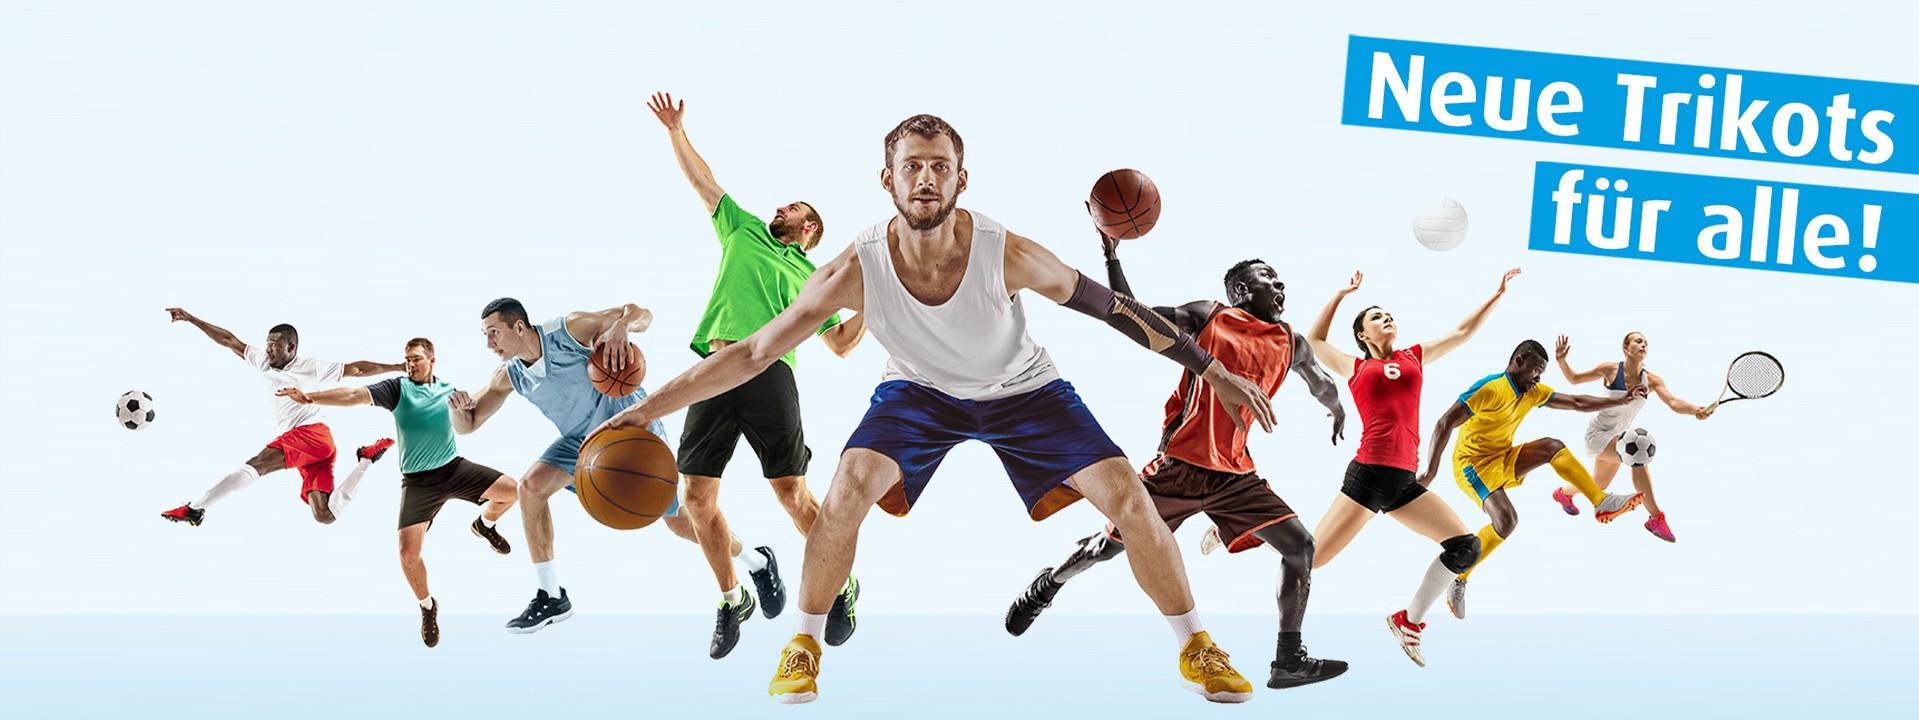 Männer von verschiedenen Sportarten werden abgebildet.